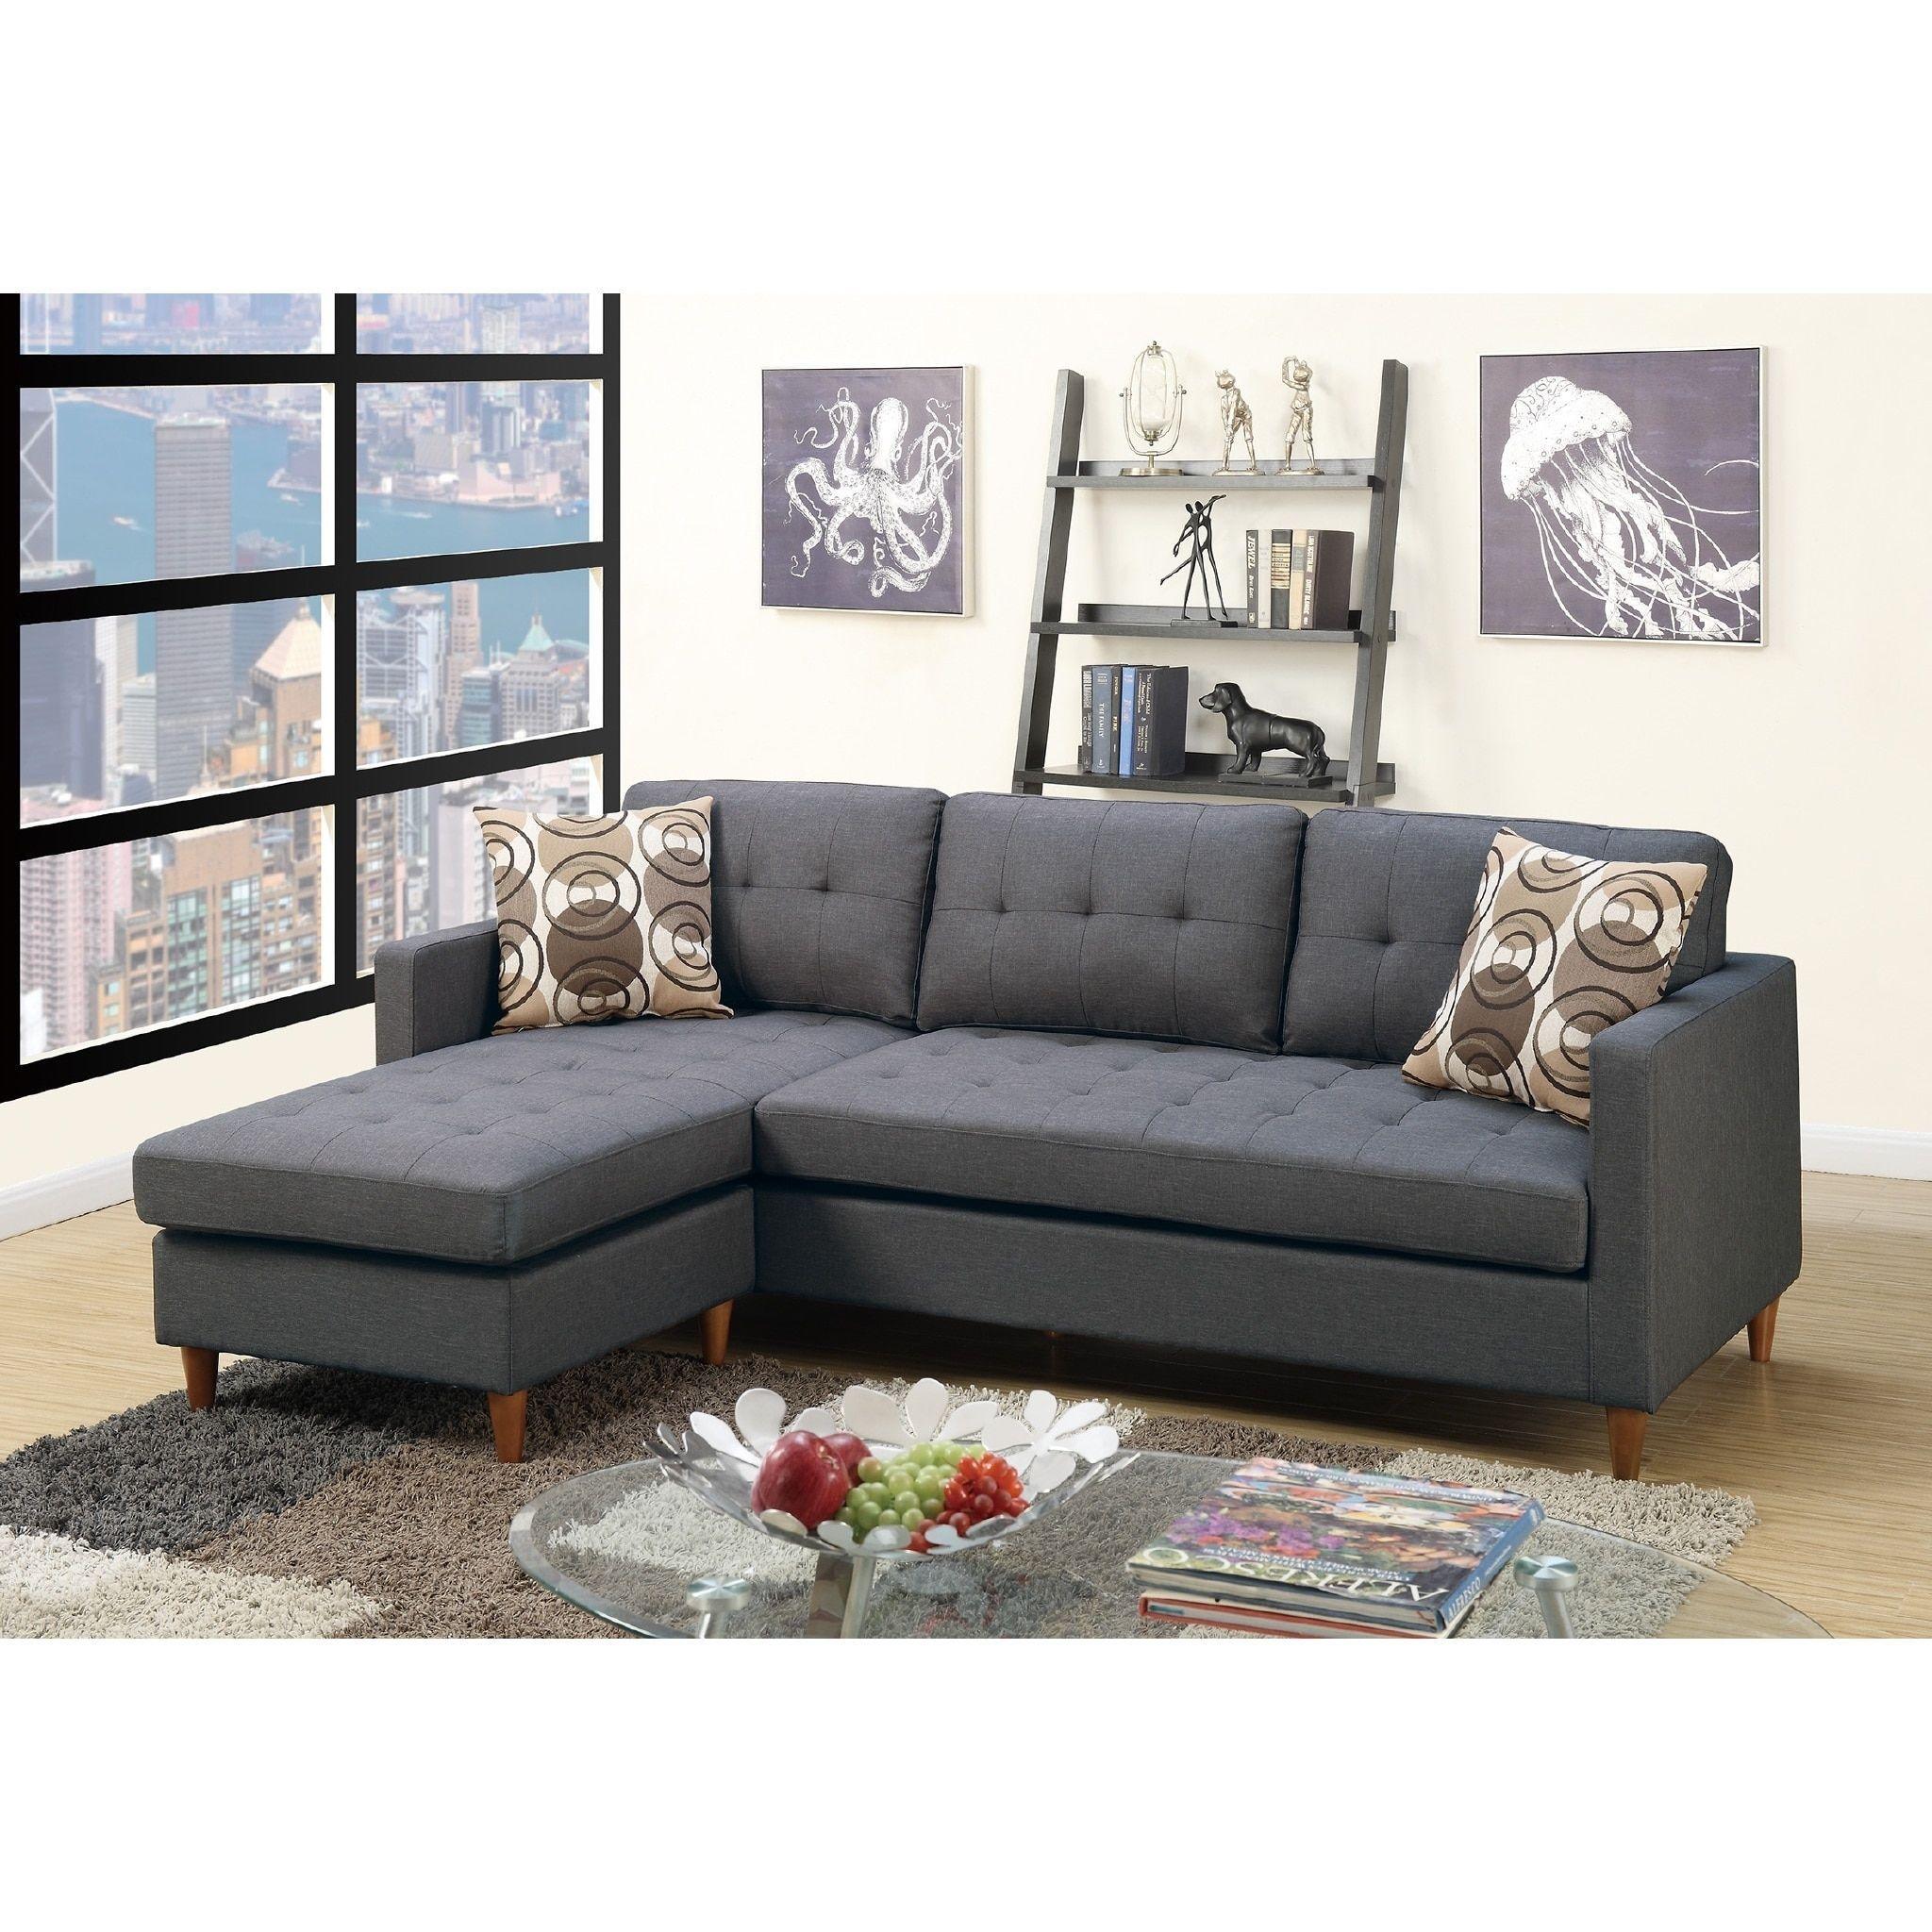 Mendosia Reversible Tufted Sectional Sofa Grey Memory Foam